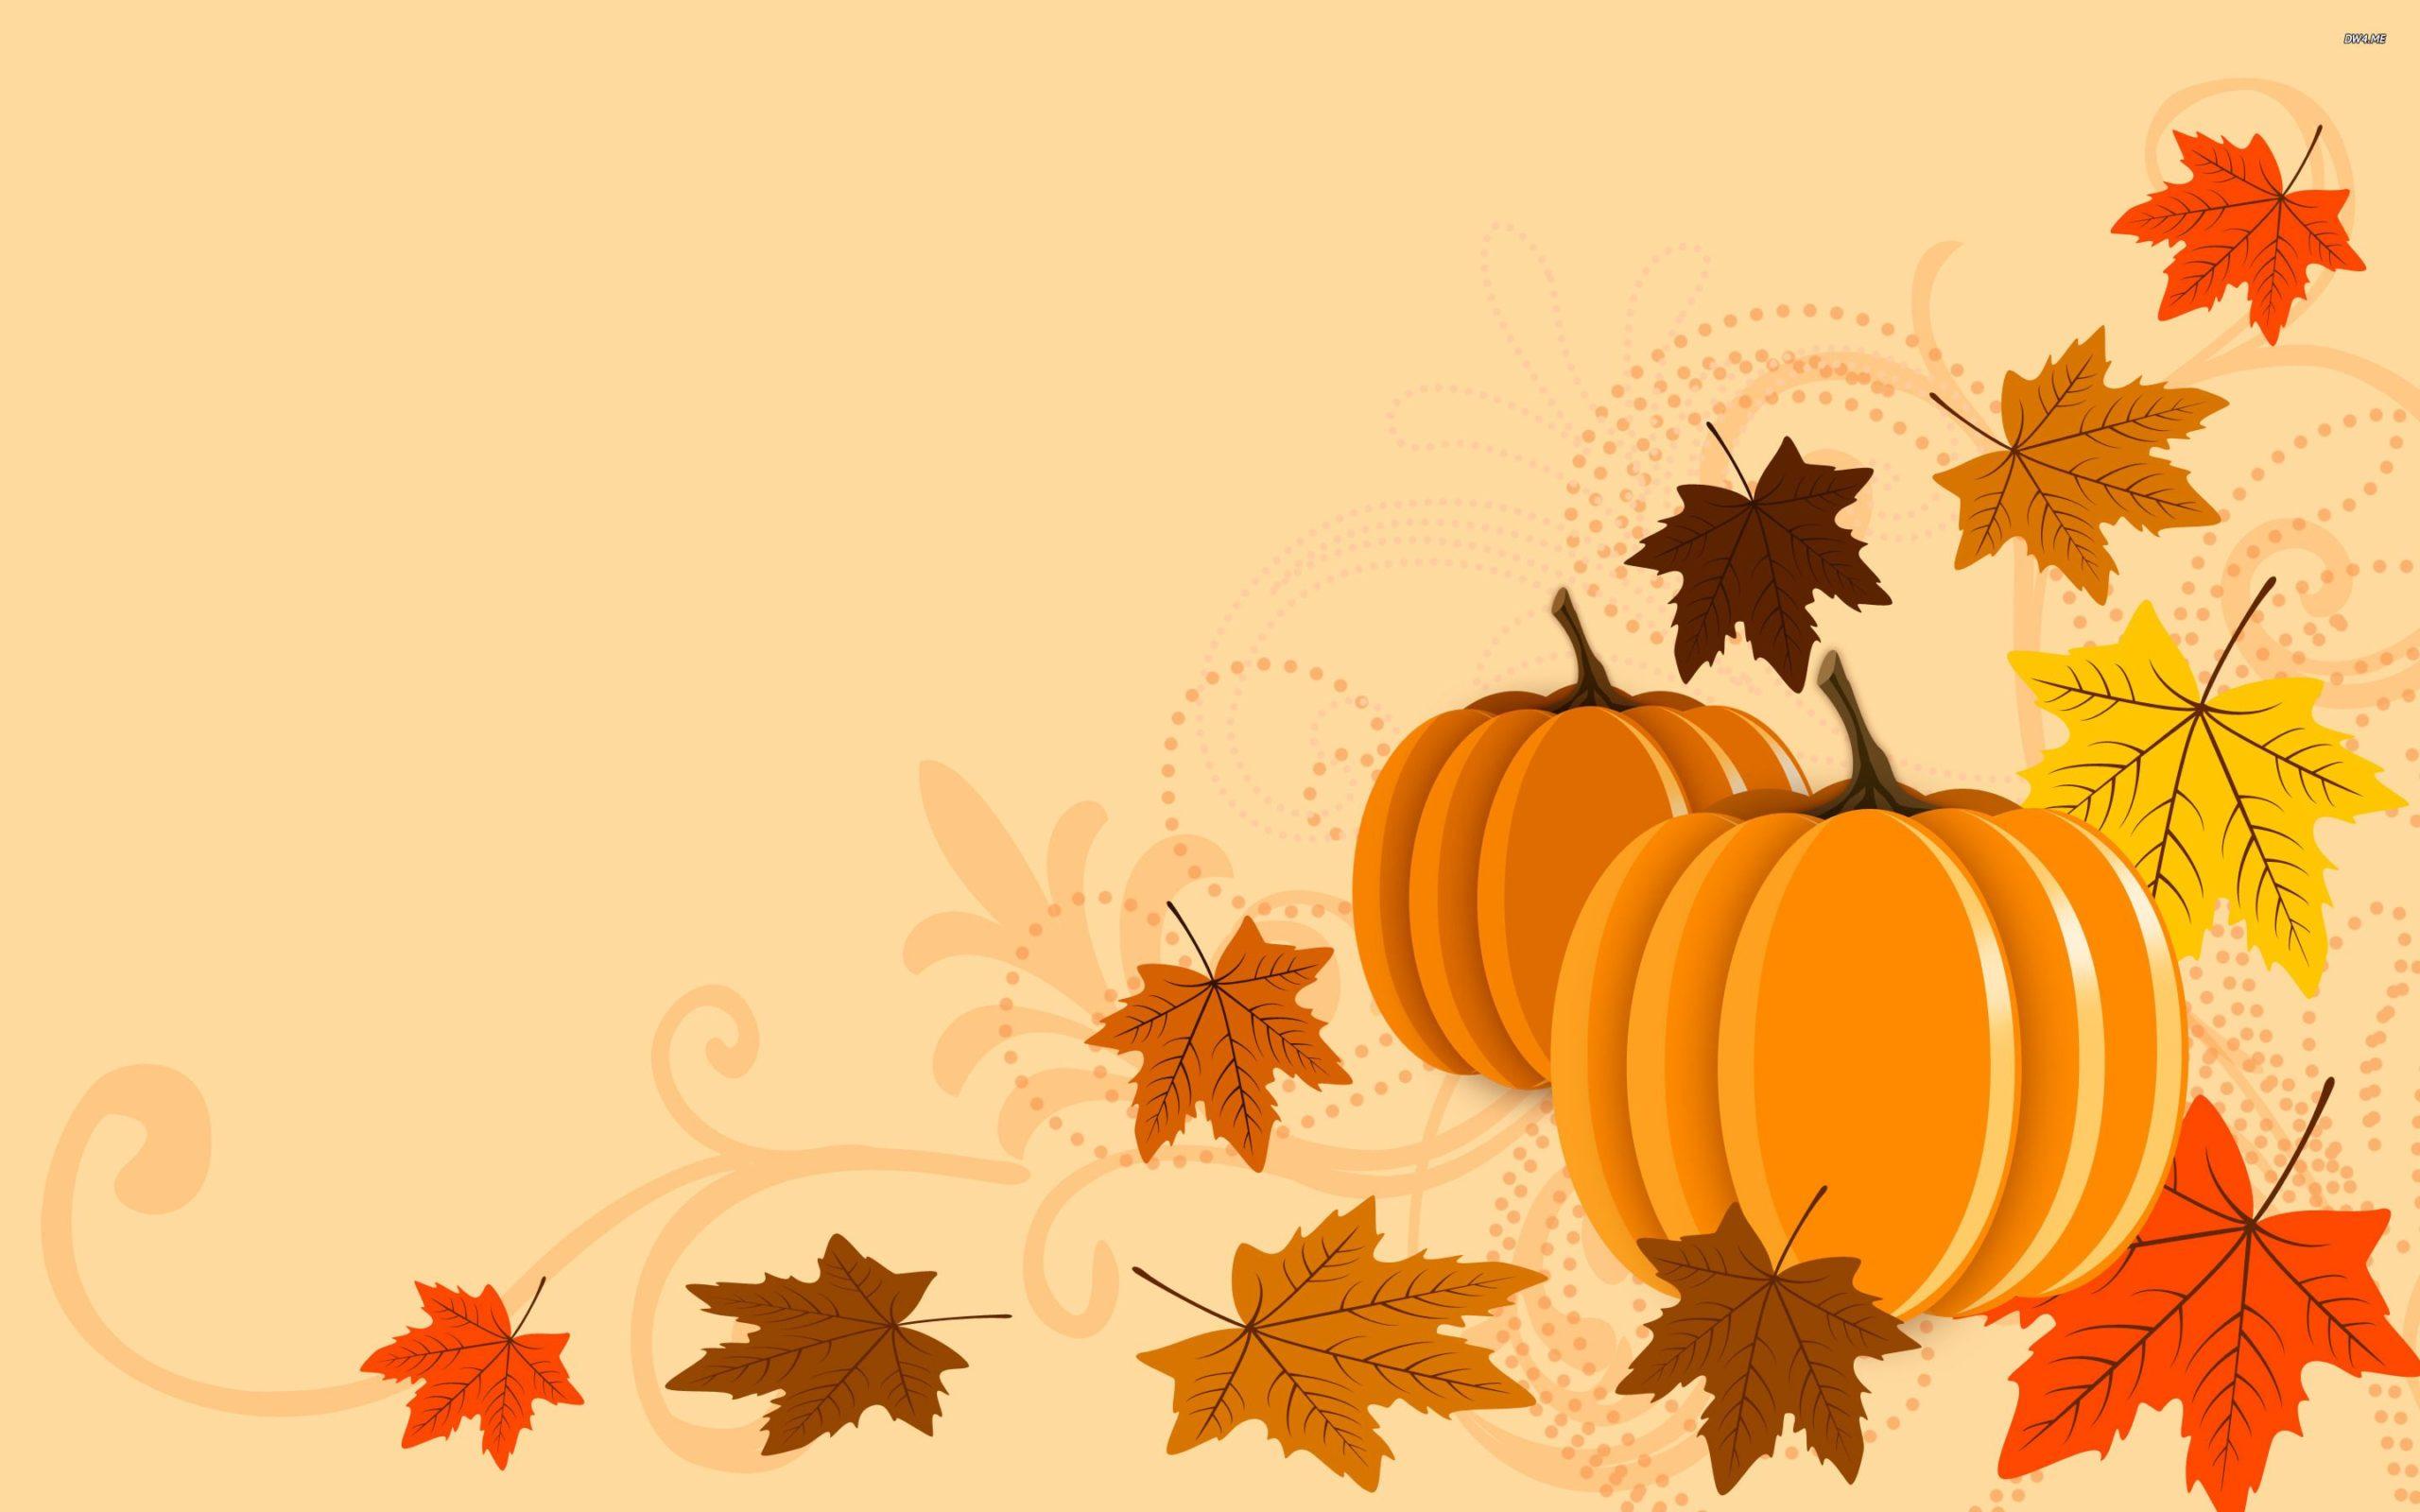 free pumpkin wallpaper backgrounds